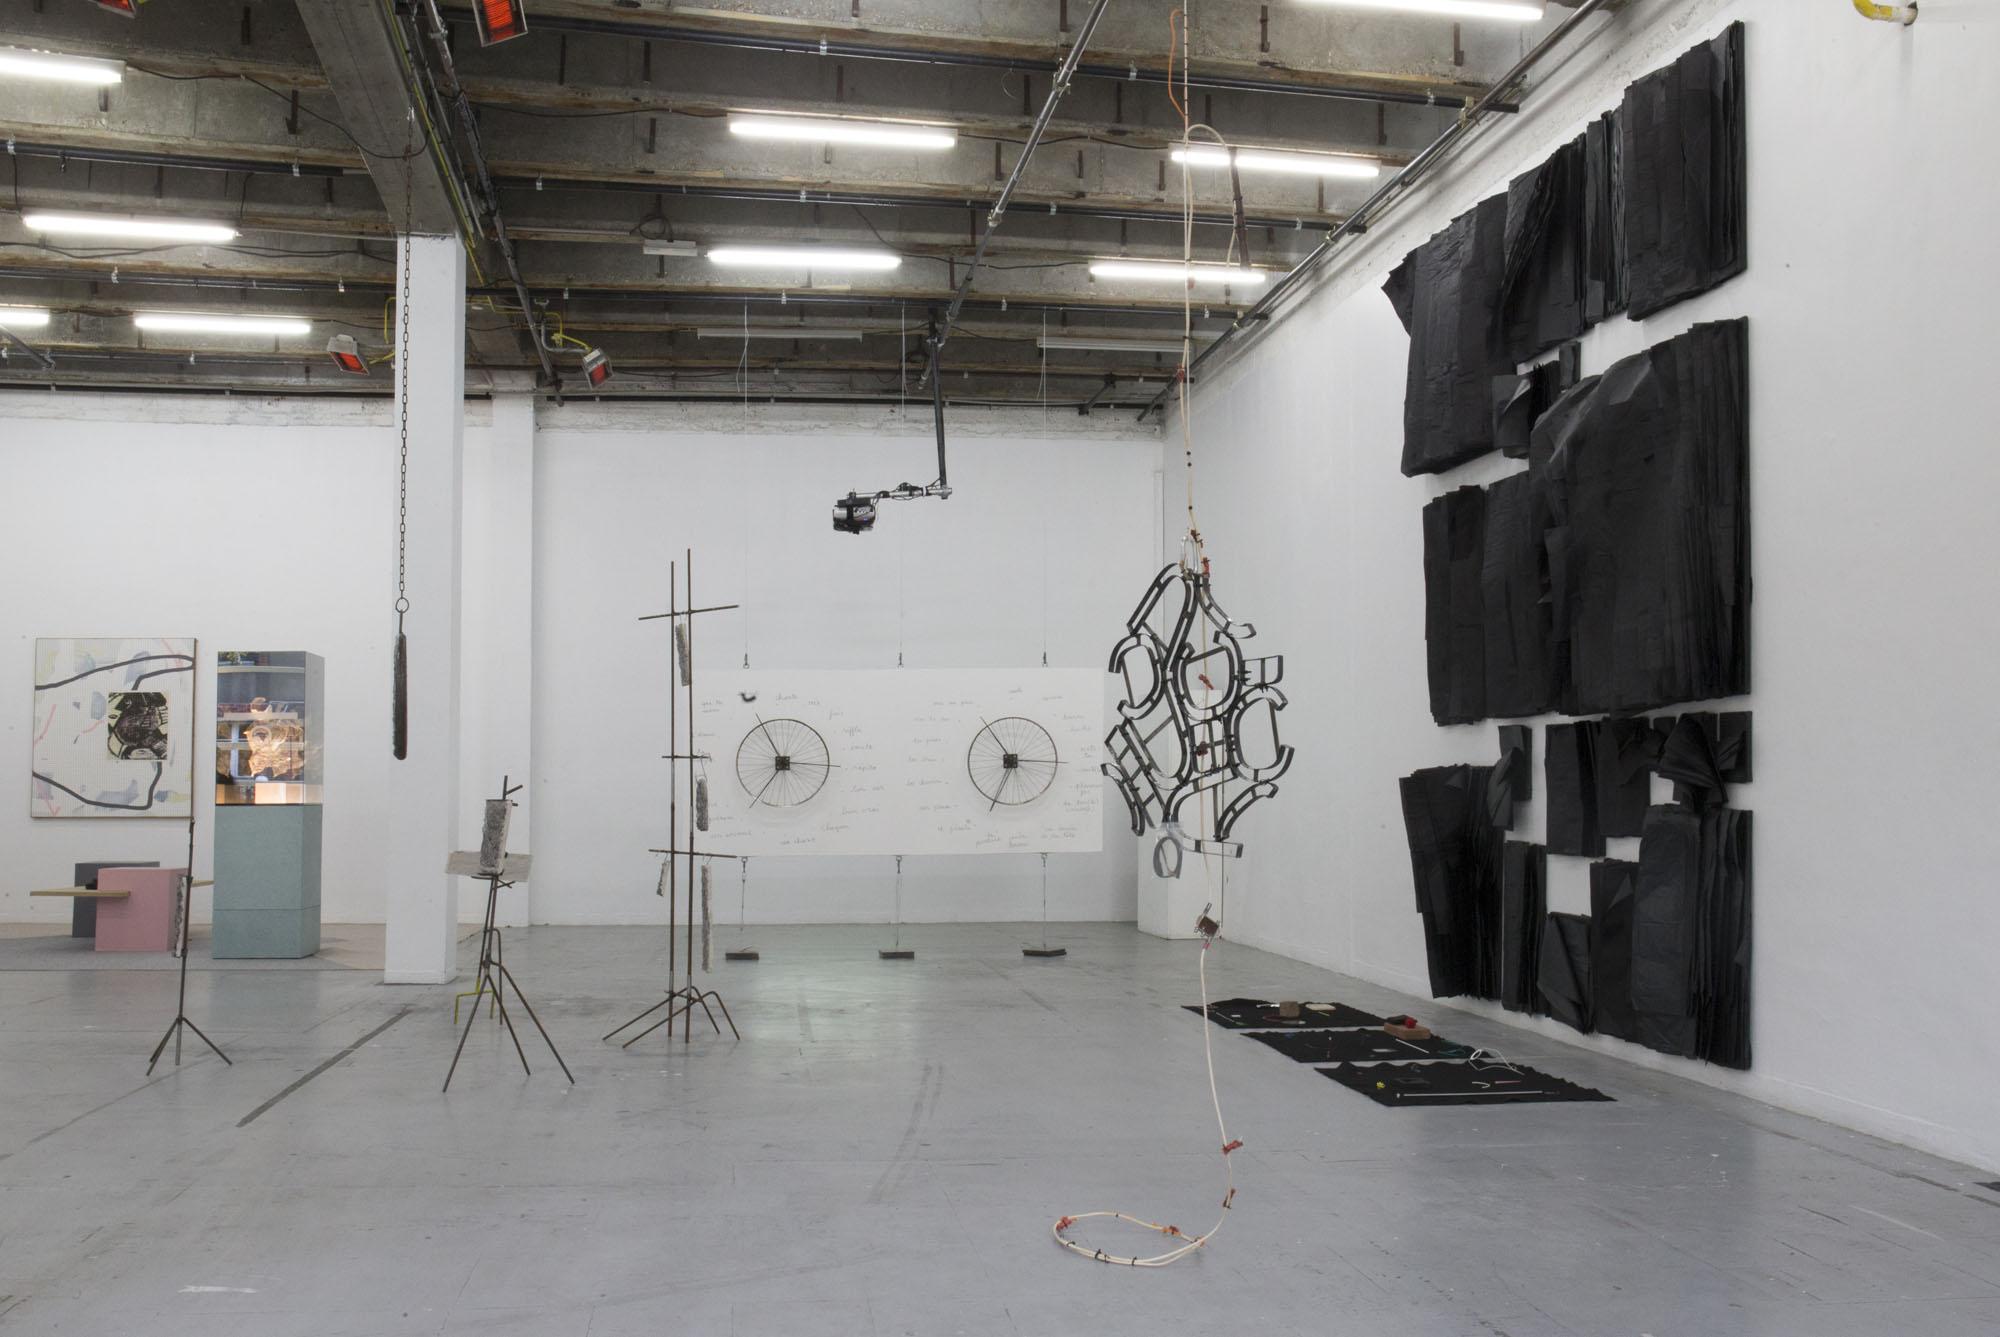 4_Quart d'heure américain - heiwata - Mains d'Oeuvres - Exhibition views.jpg